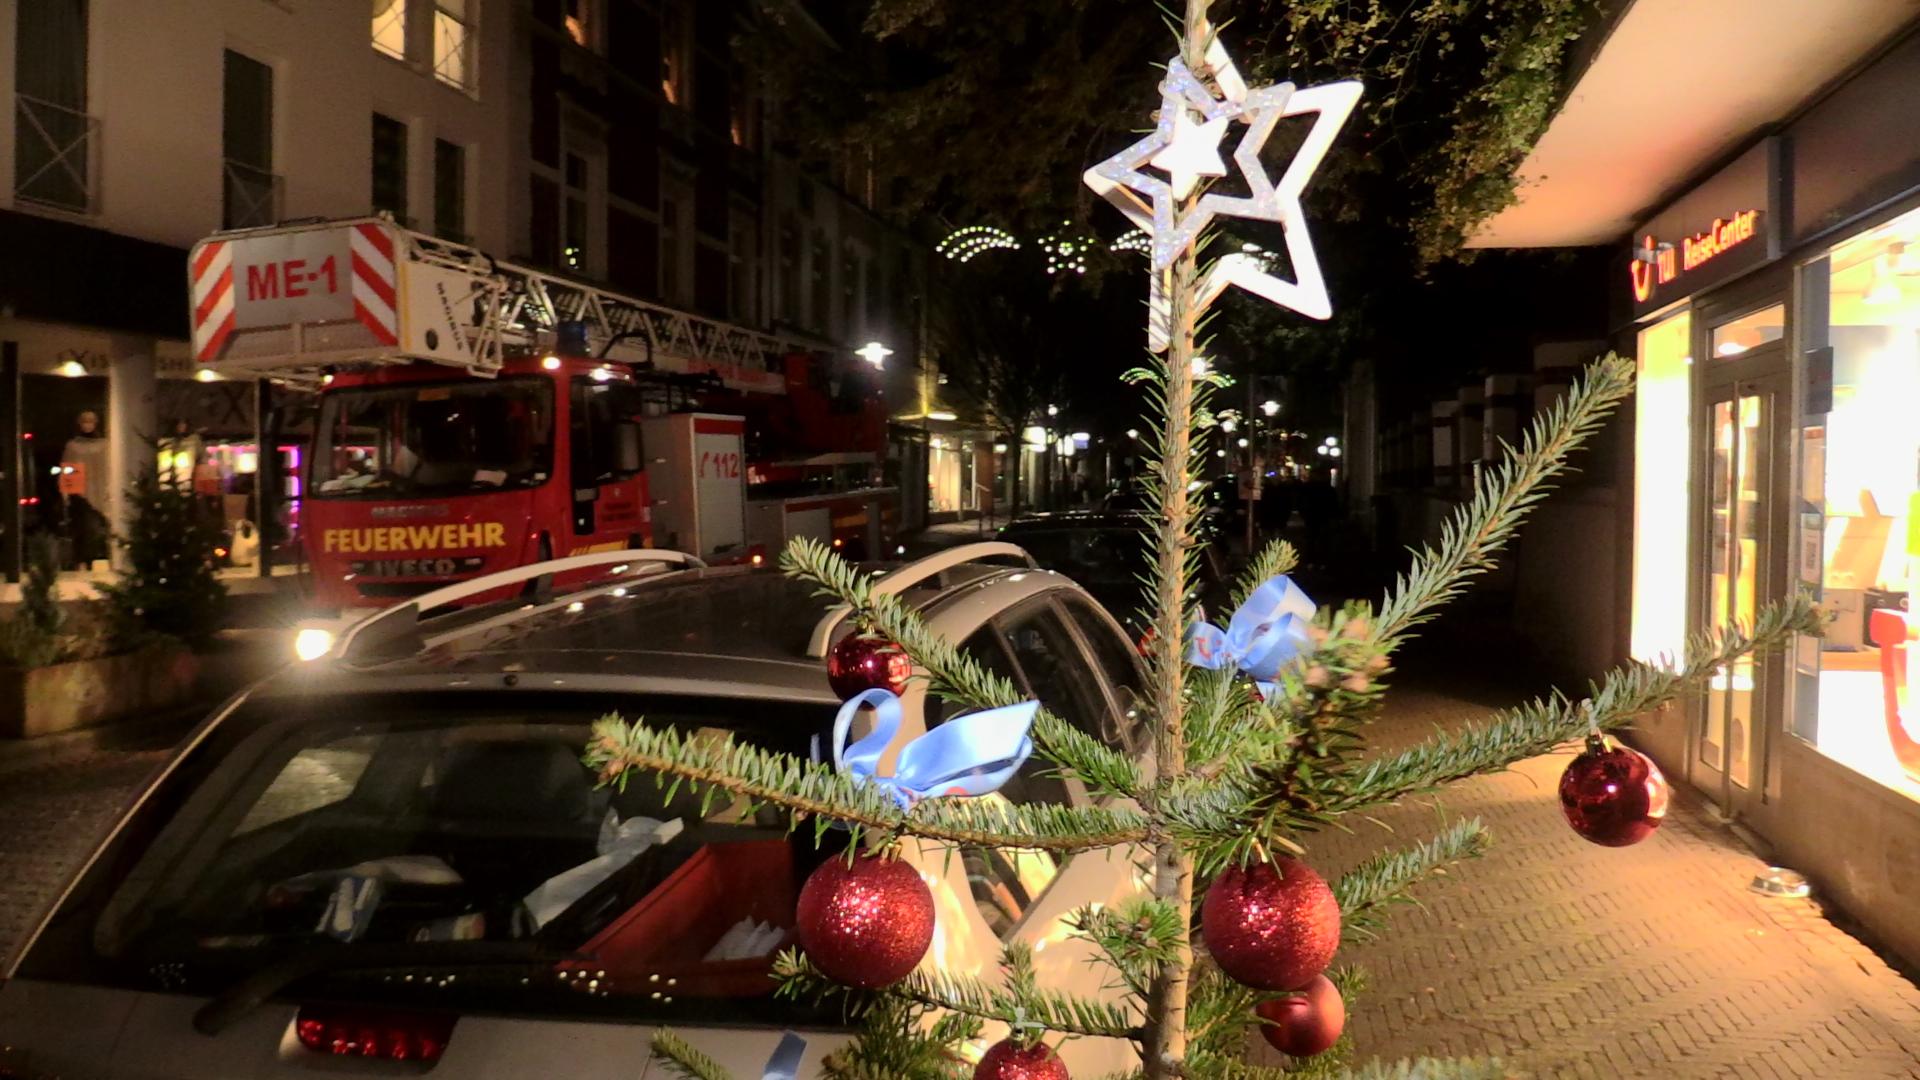 weihnachtsbaum auf weihnachtsmarkt muss wegen sturm. Black Bedroom Furniture Sets. Home Design Ideas